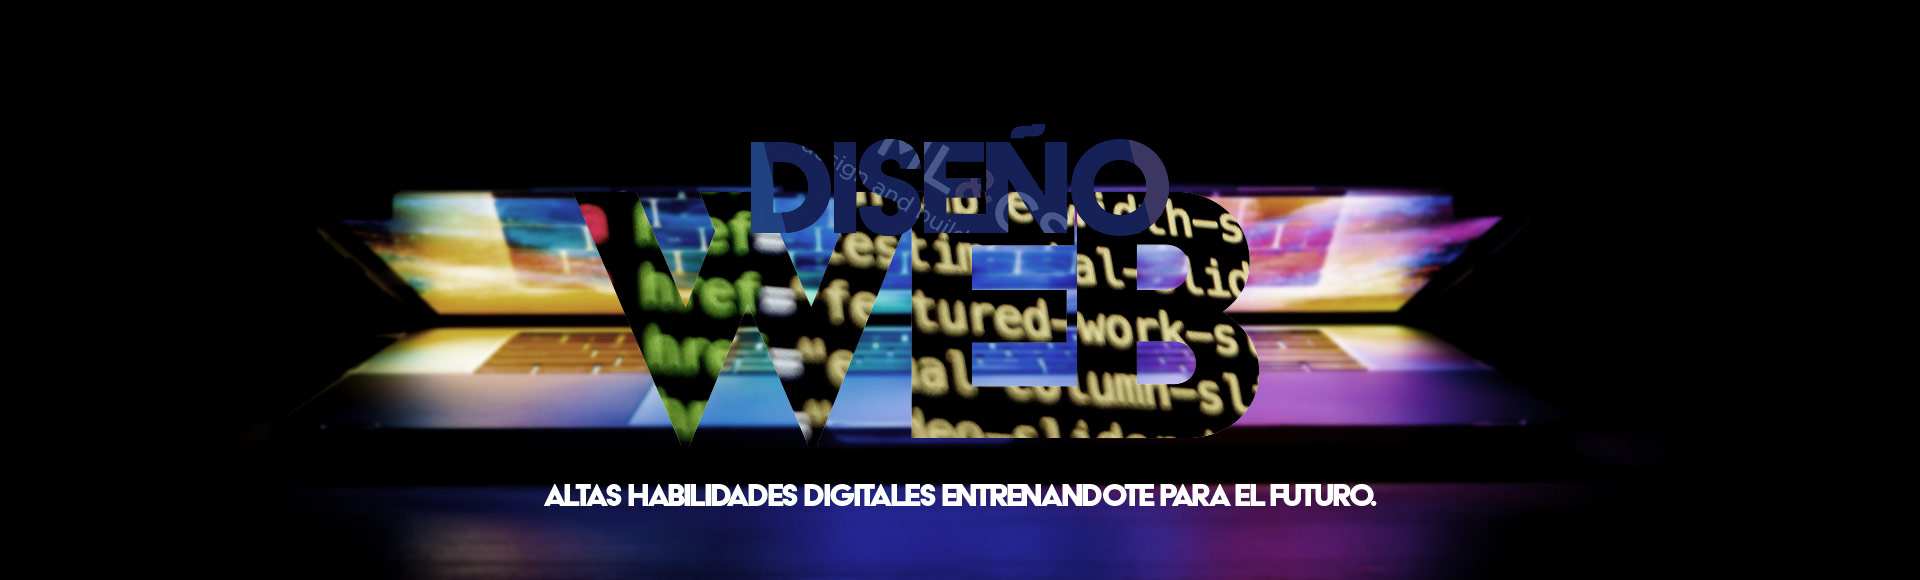 Diplomado en diseño y desarrollo web en linea